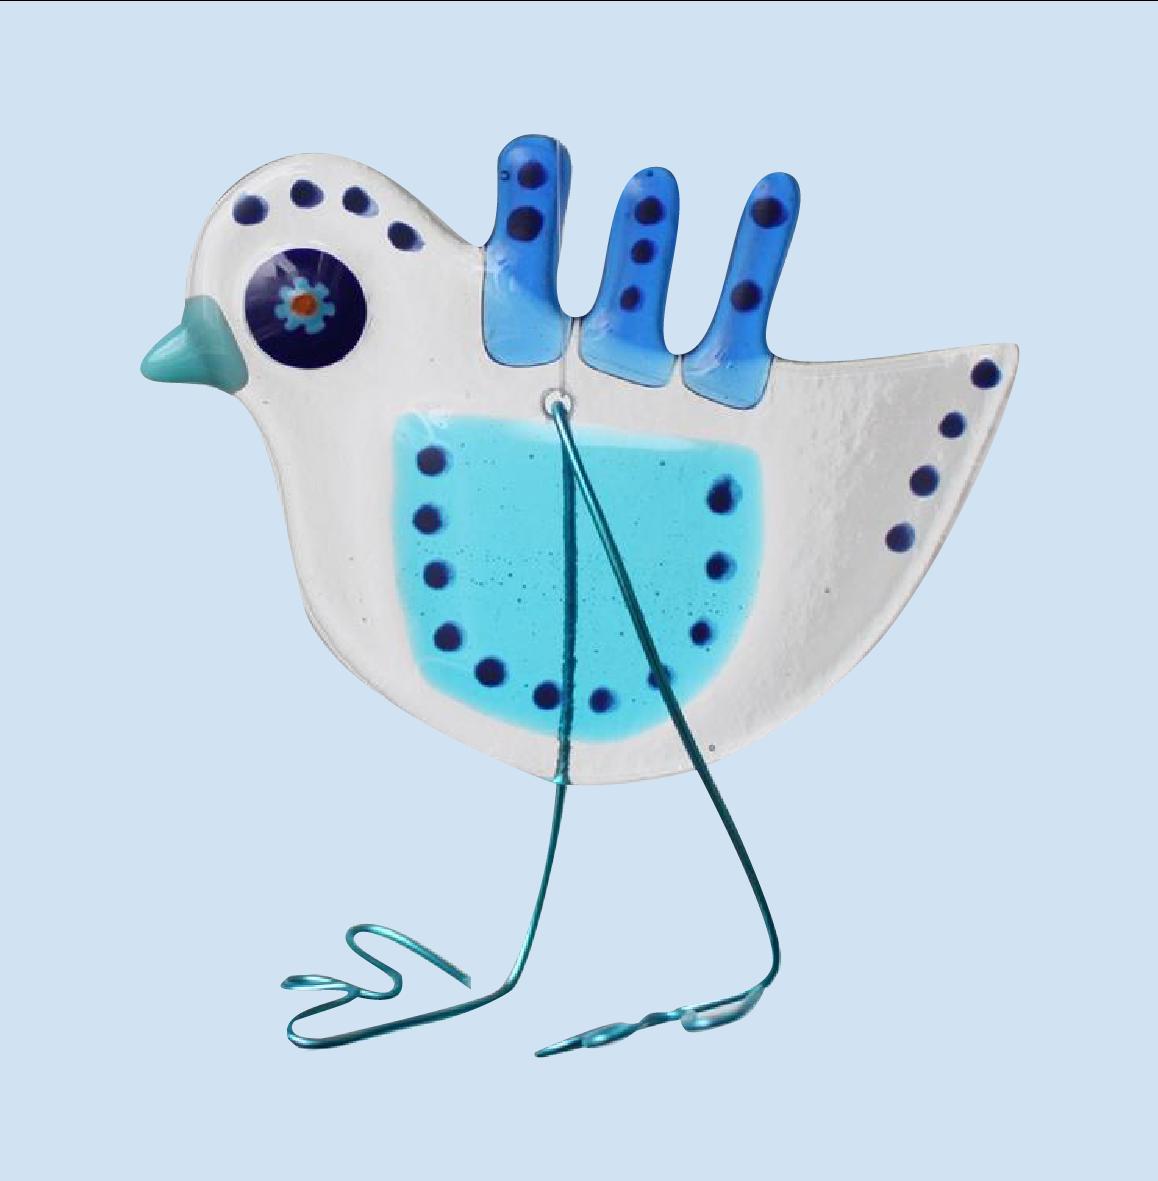 Wonky bird